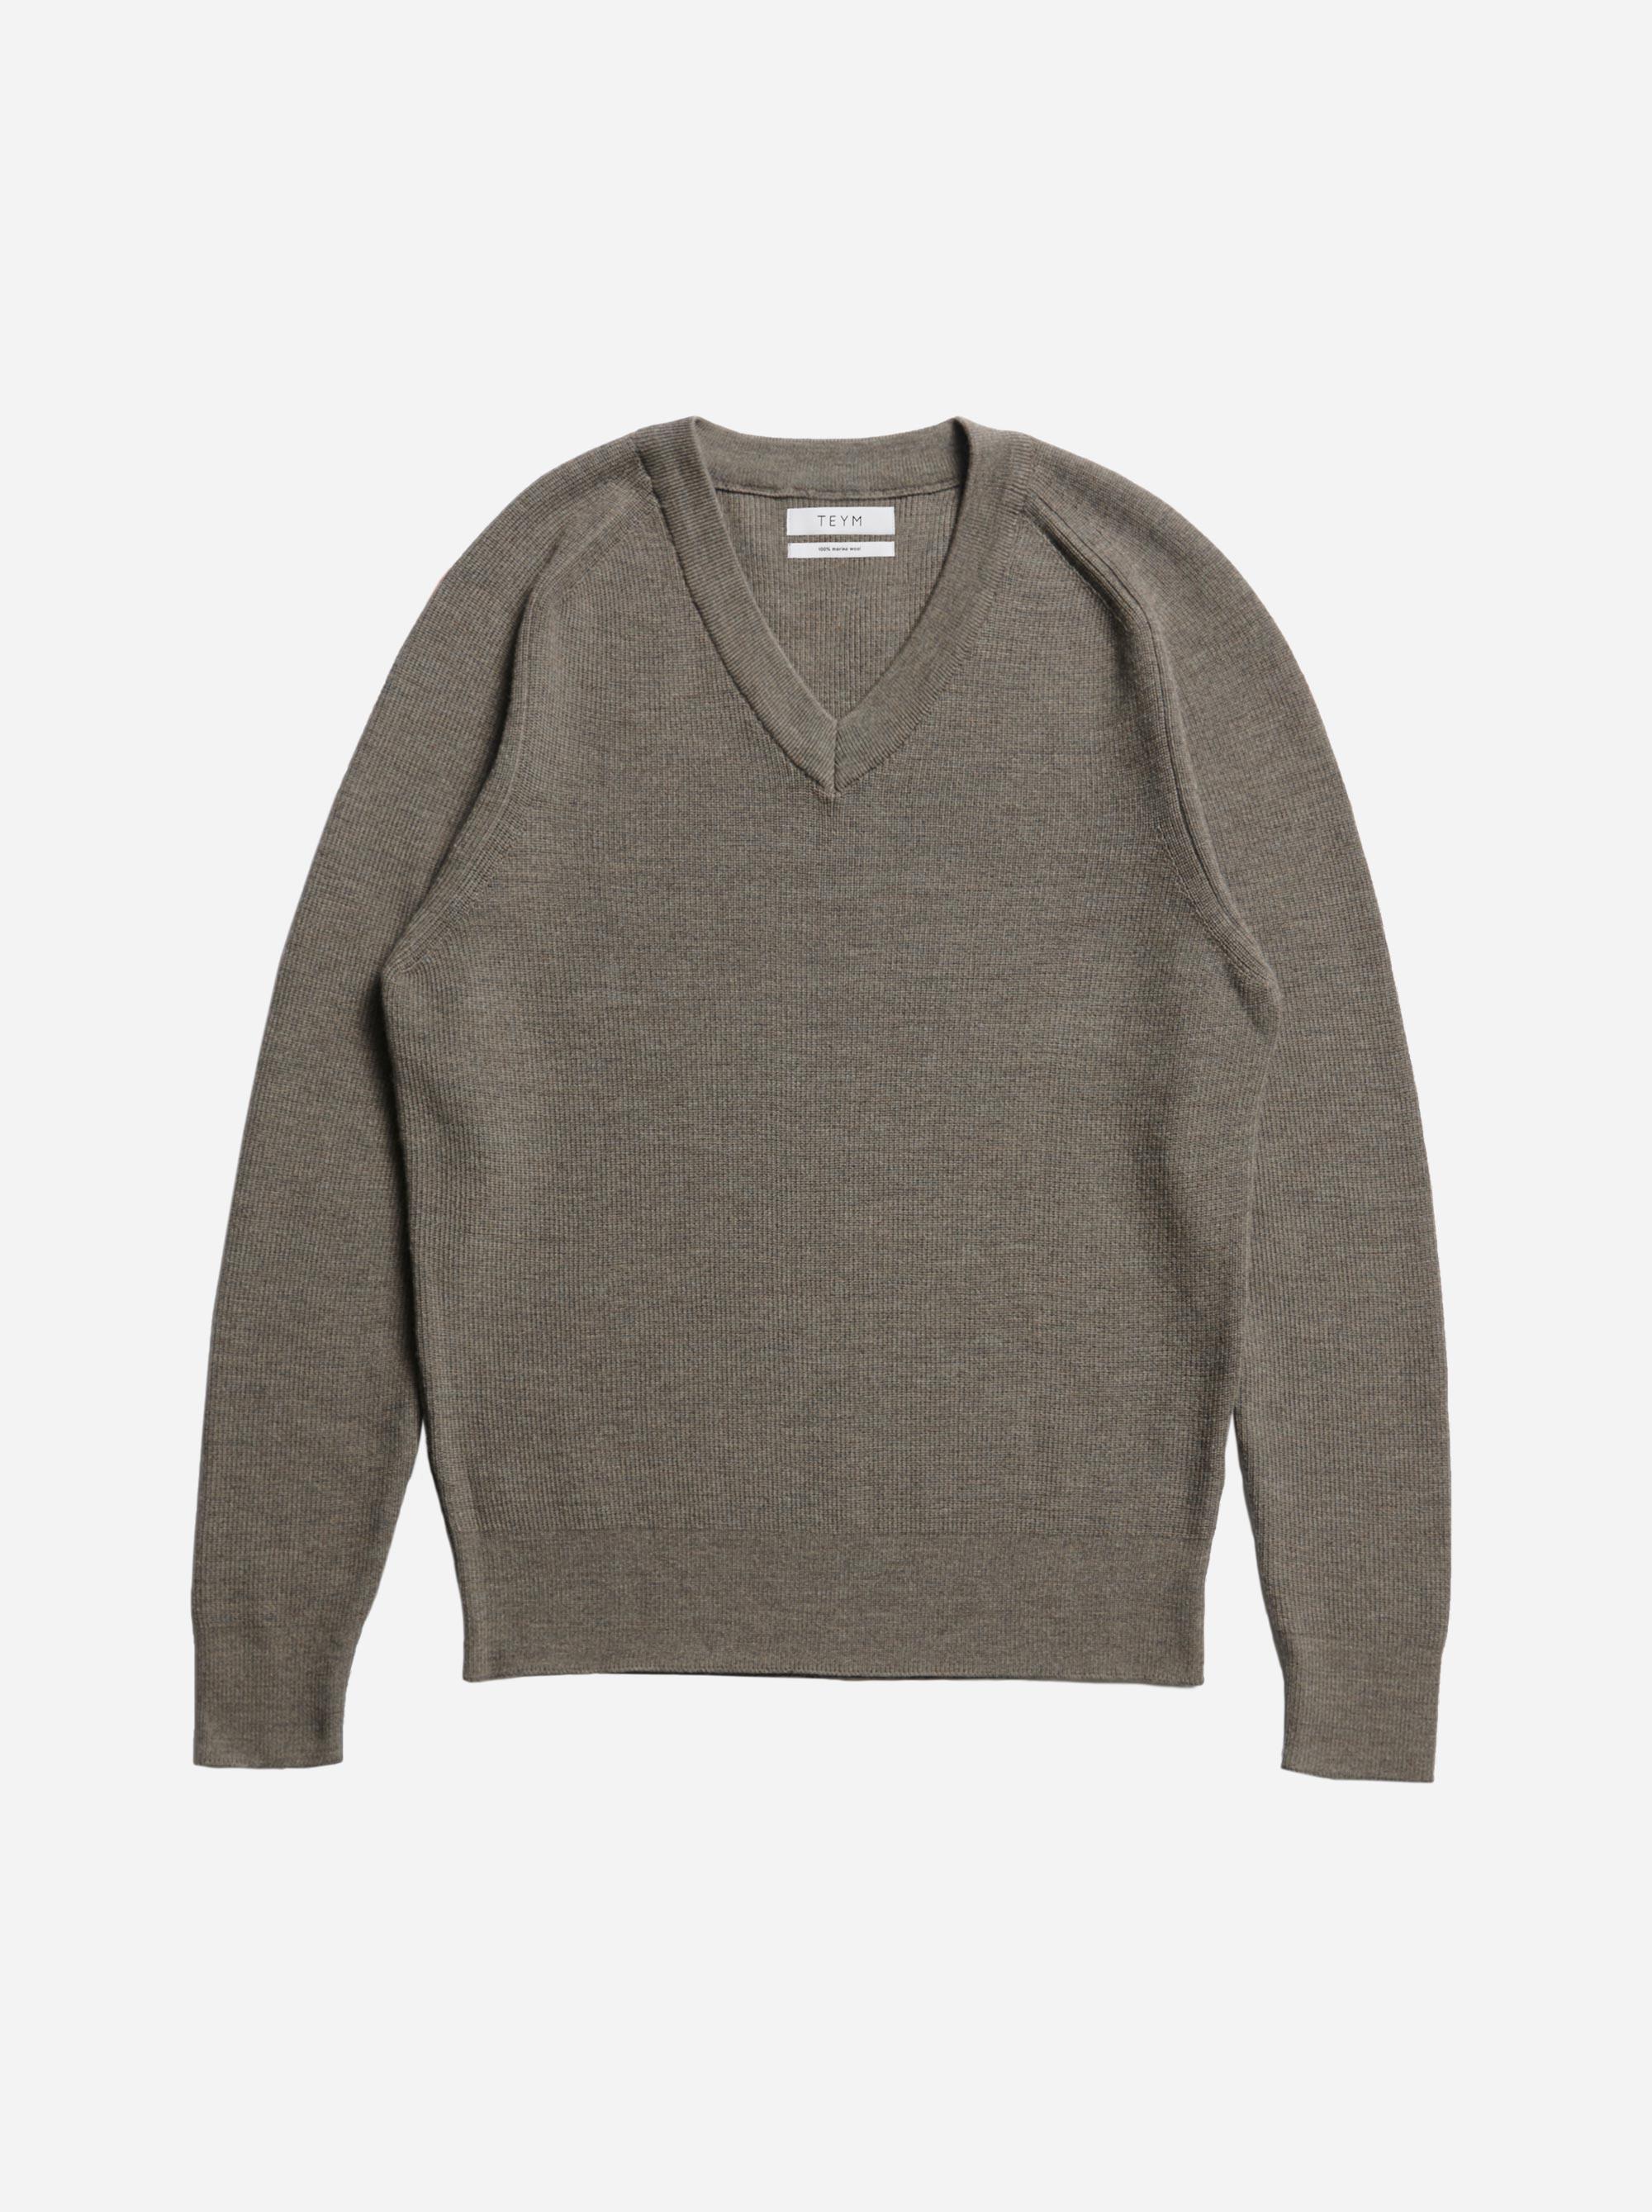 Teym - V-Neck - The Merino Sweater - Men - Grey - 4